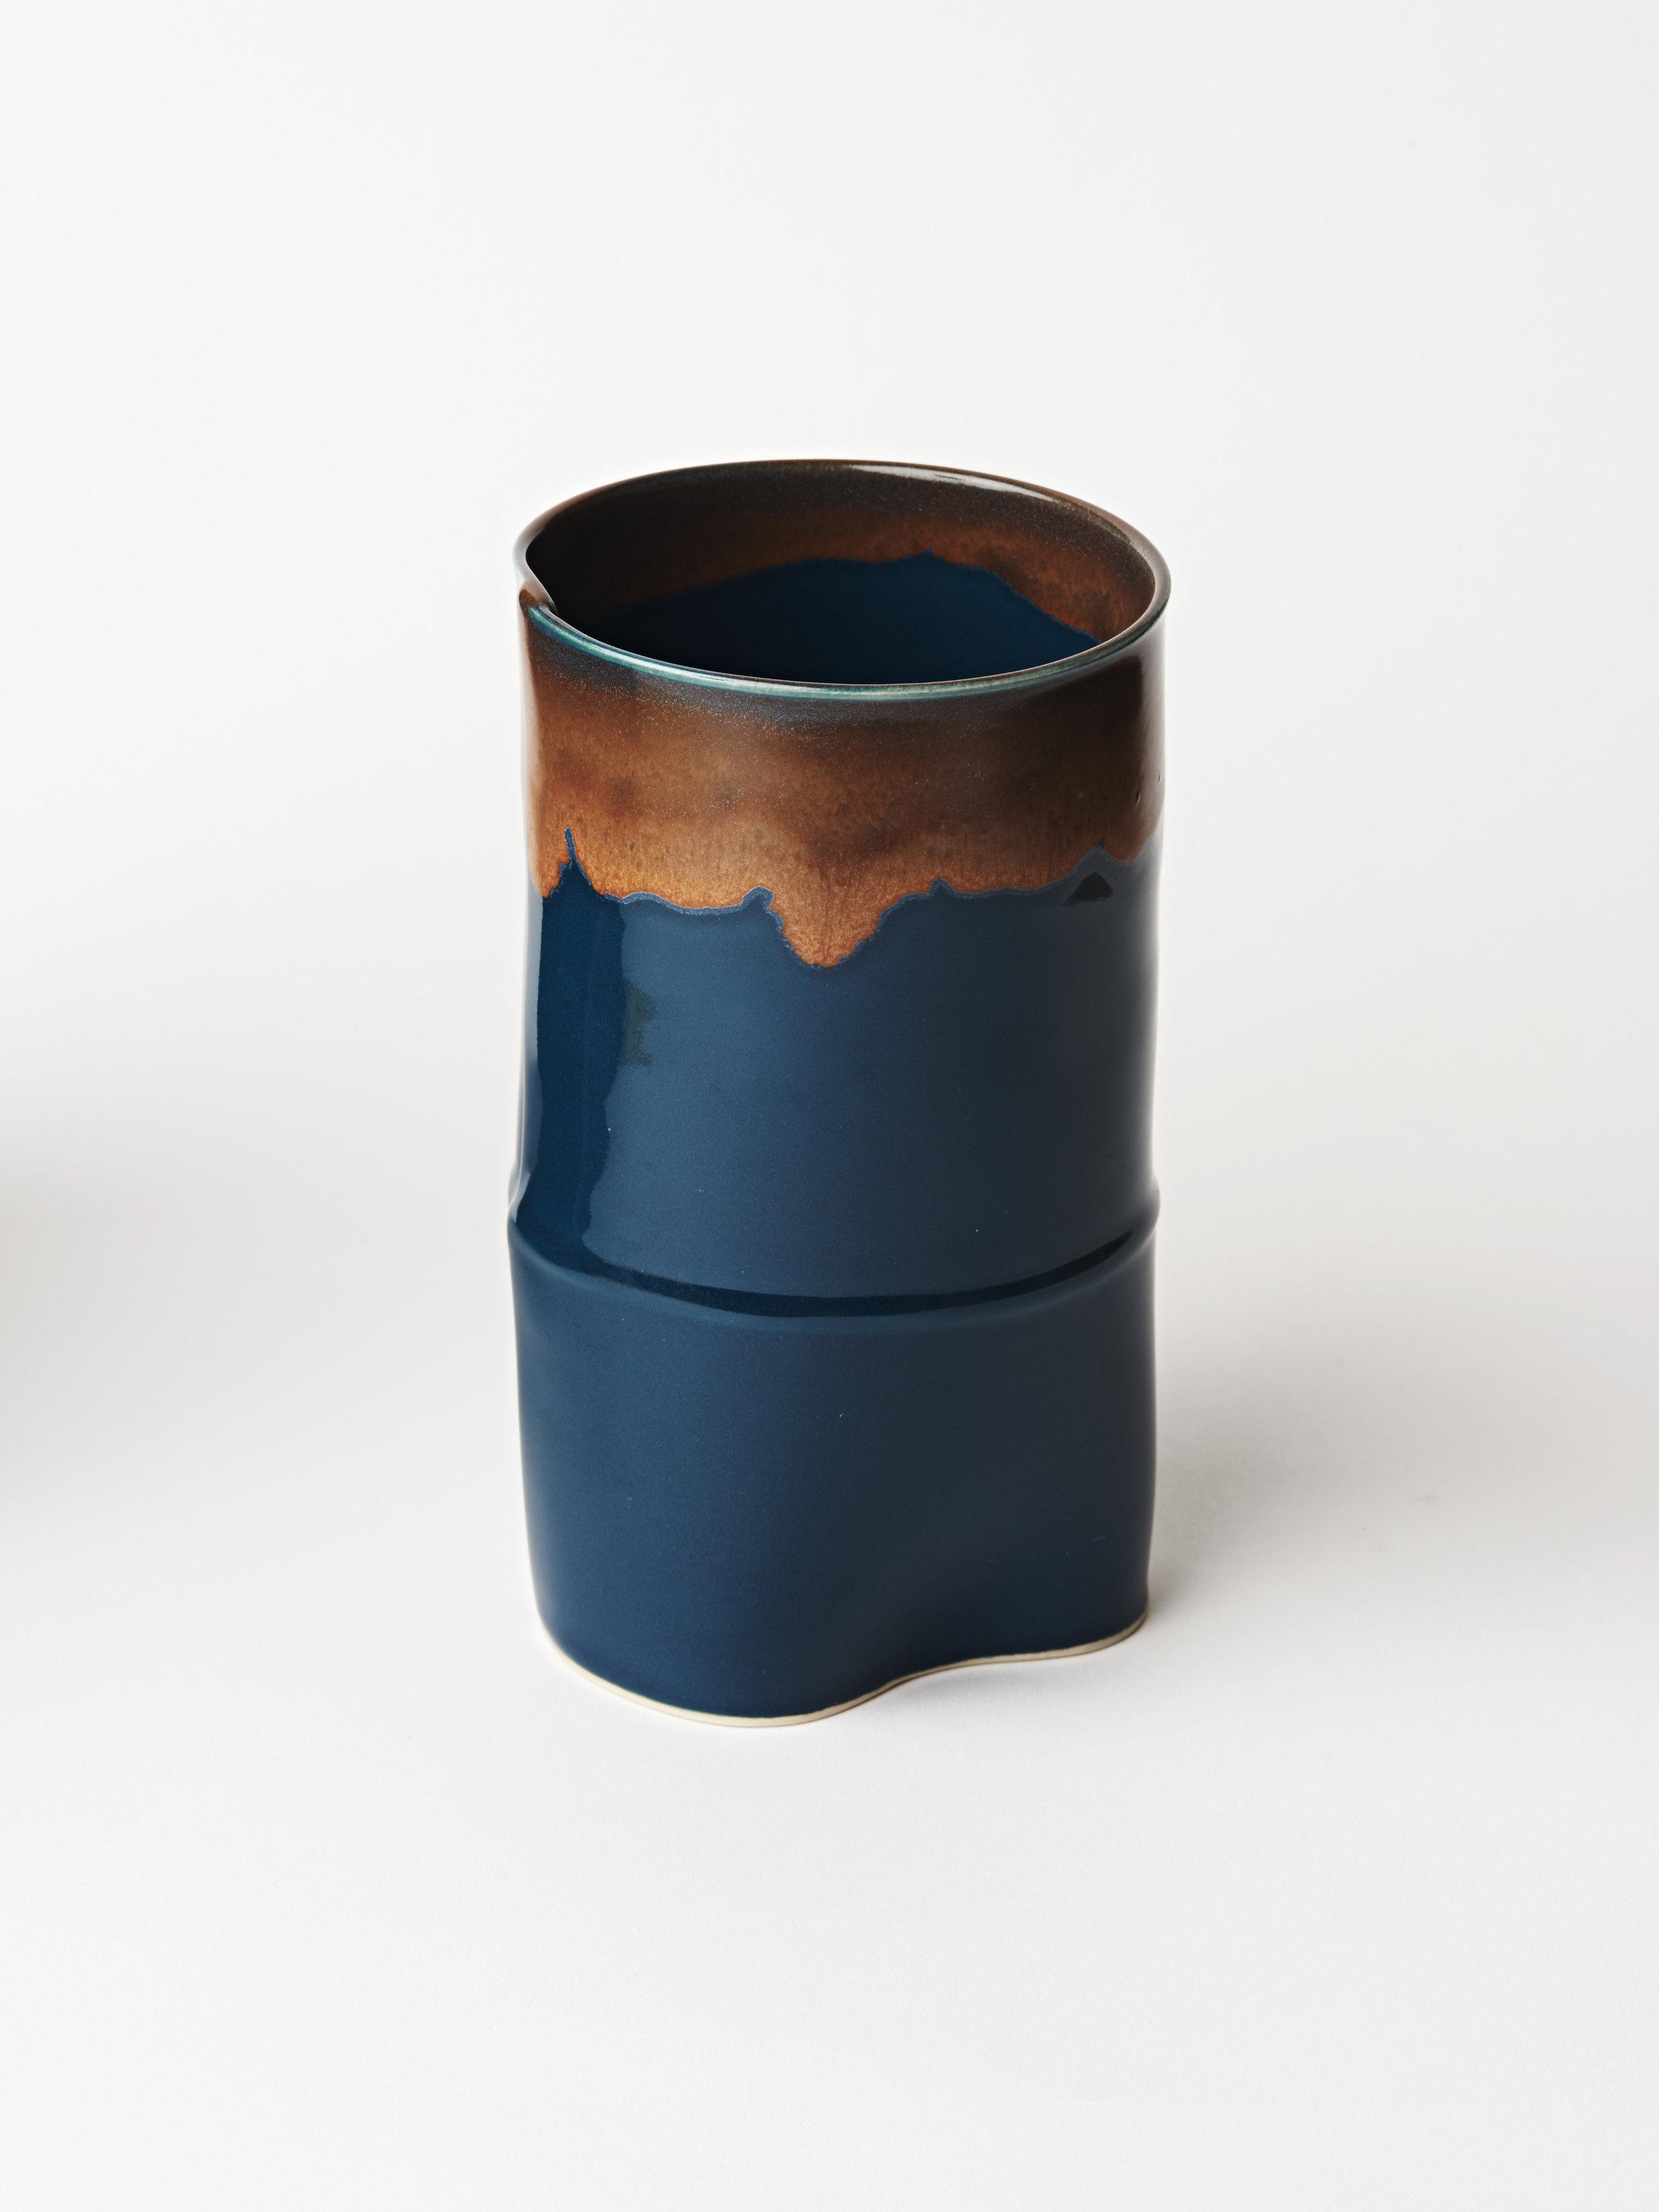 Large Vase - Teal Blue